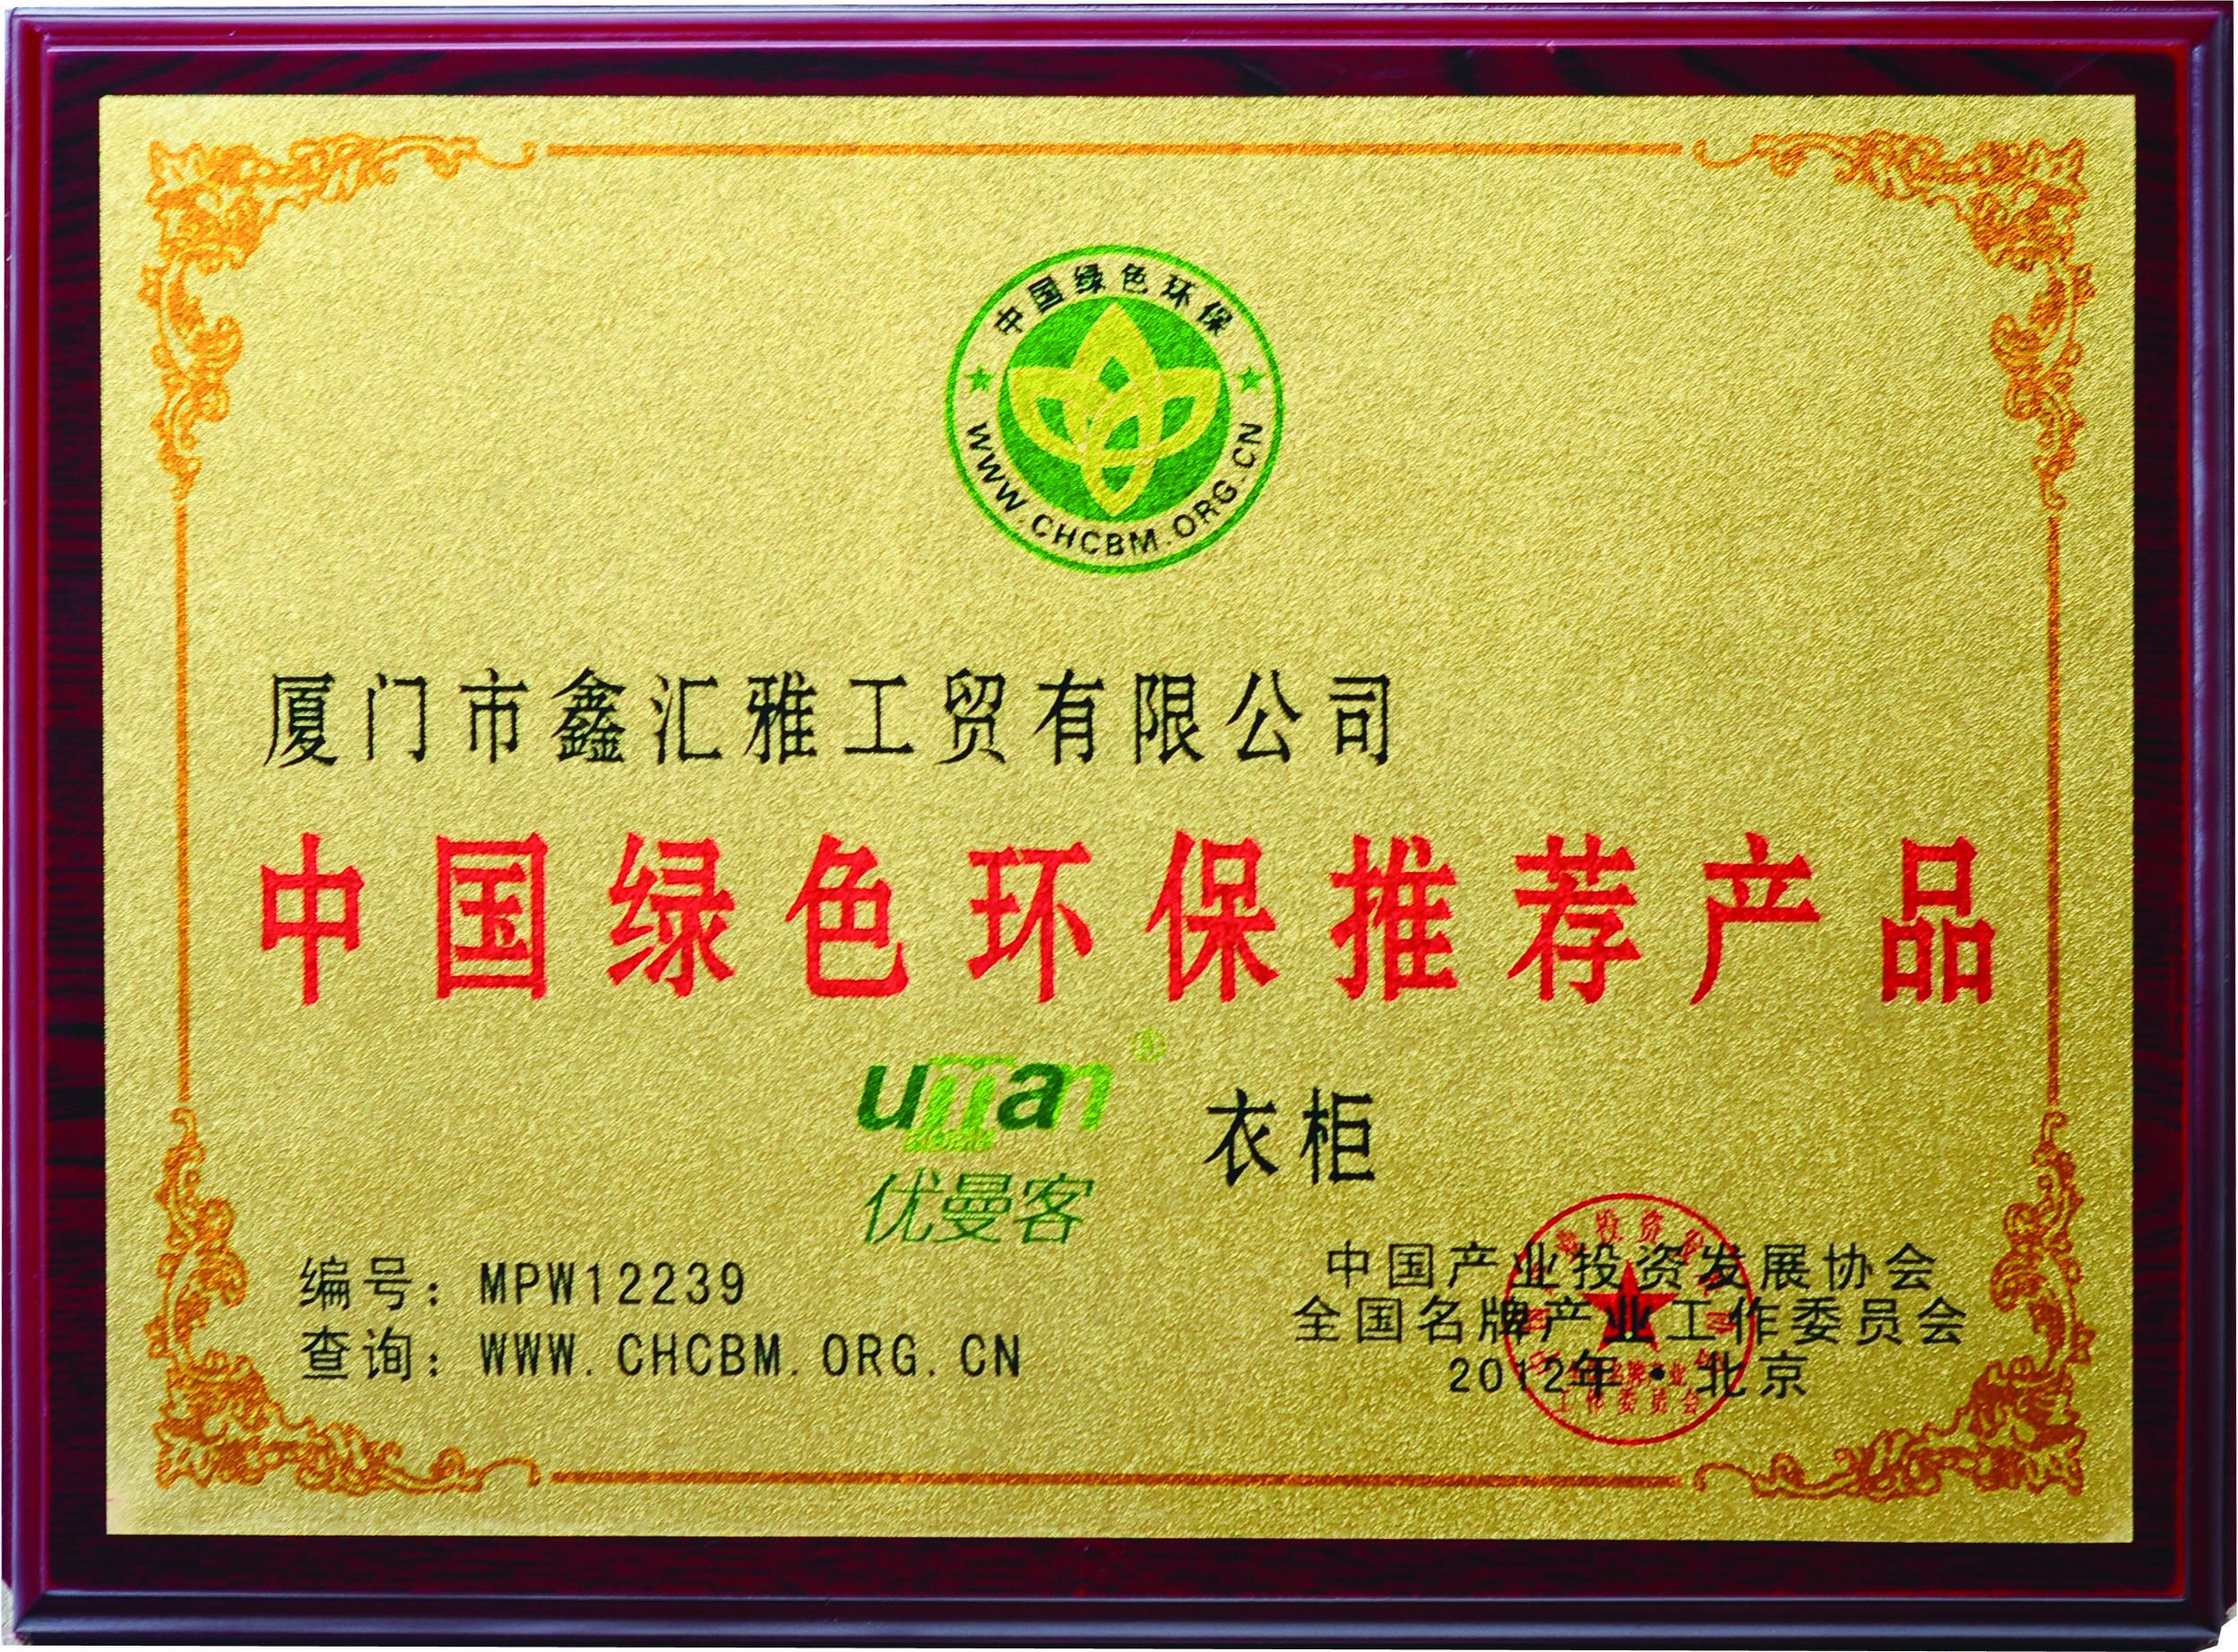 优曼客荣获中国绿色环保推荐产品